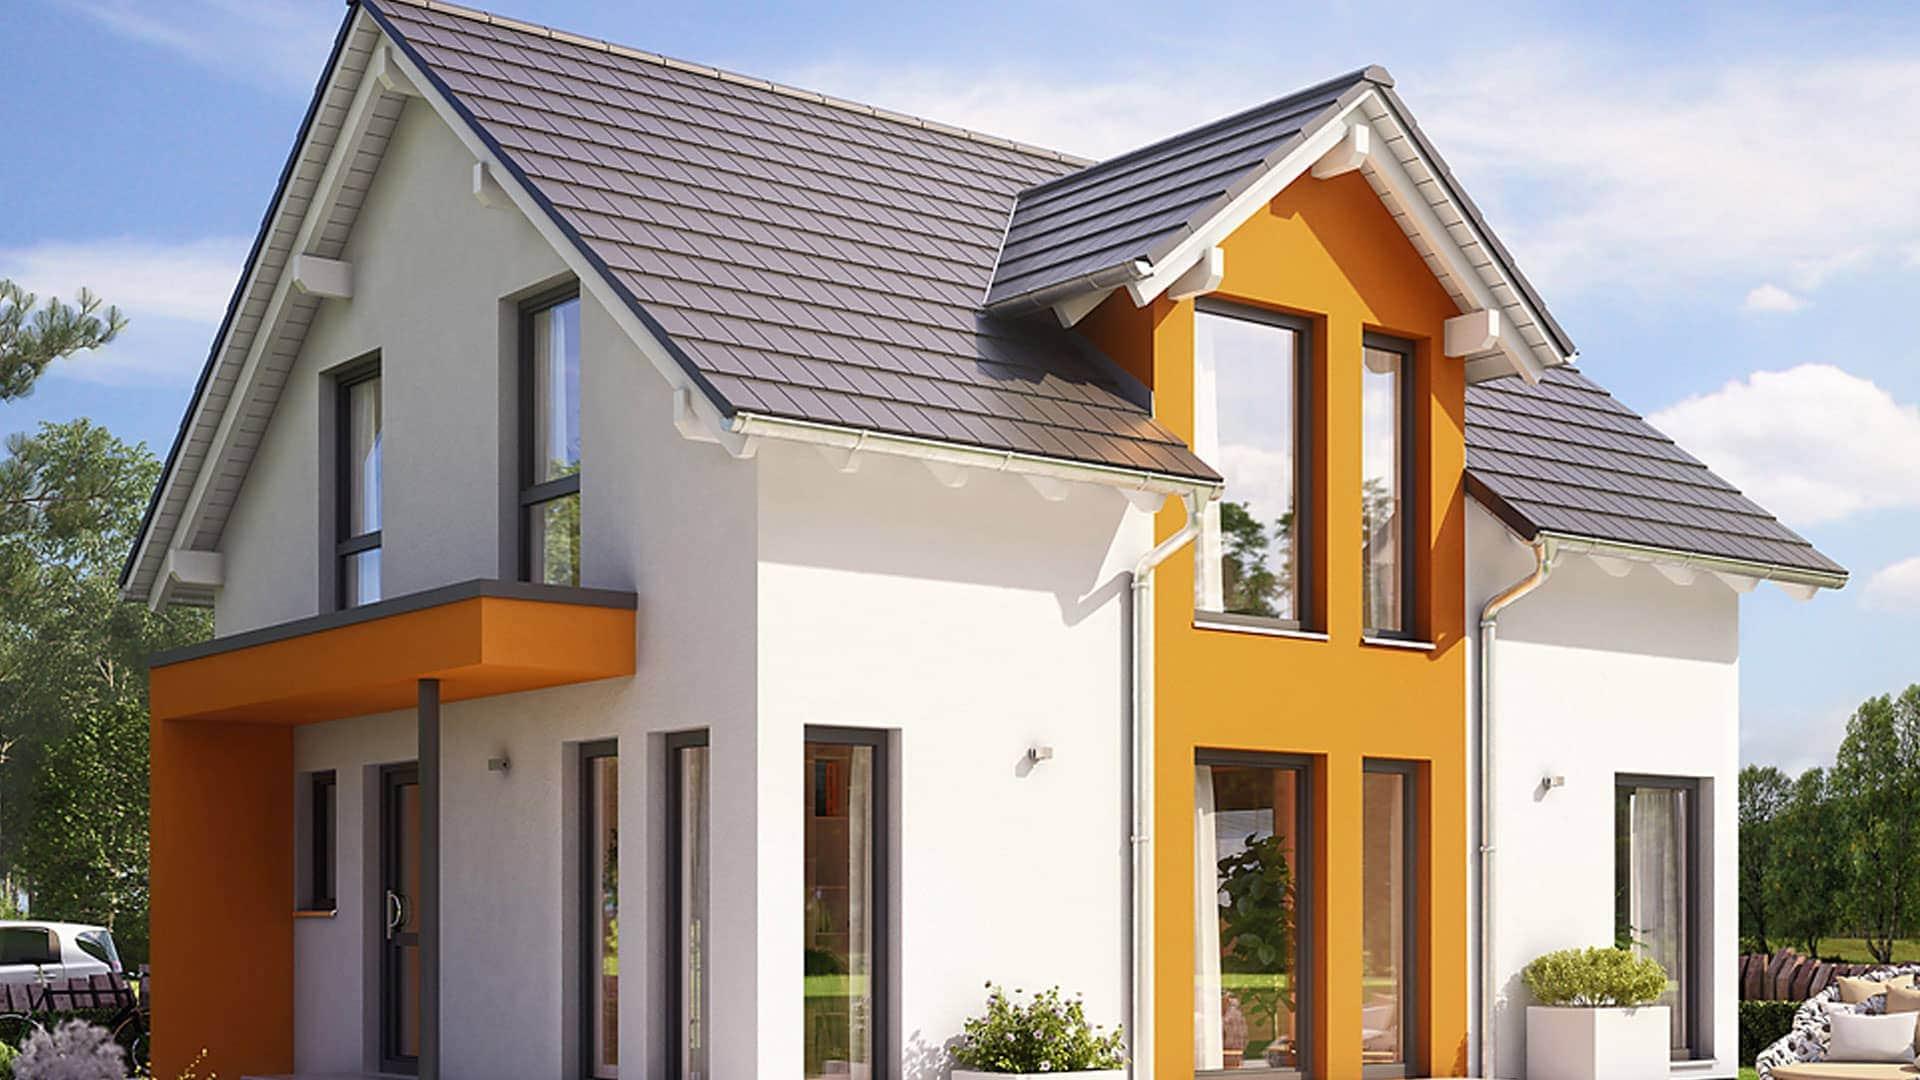 Einfamilienhaus für rund 70000 Euro